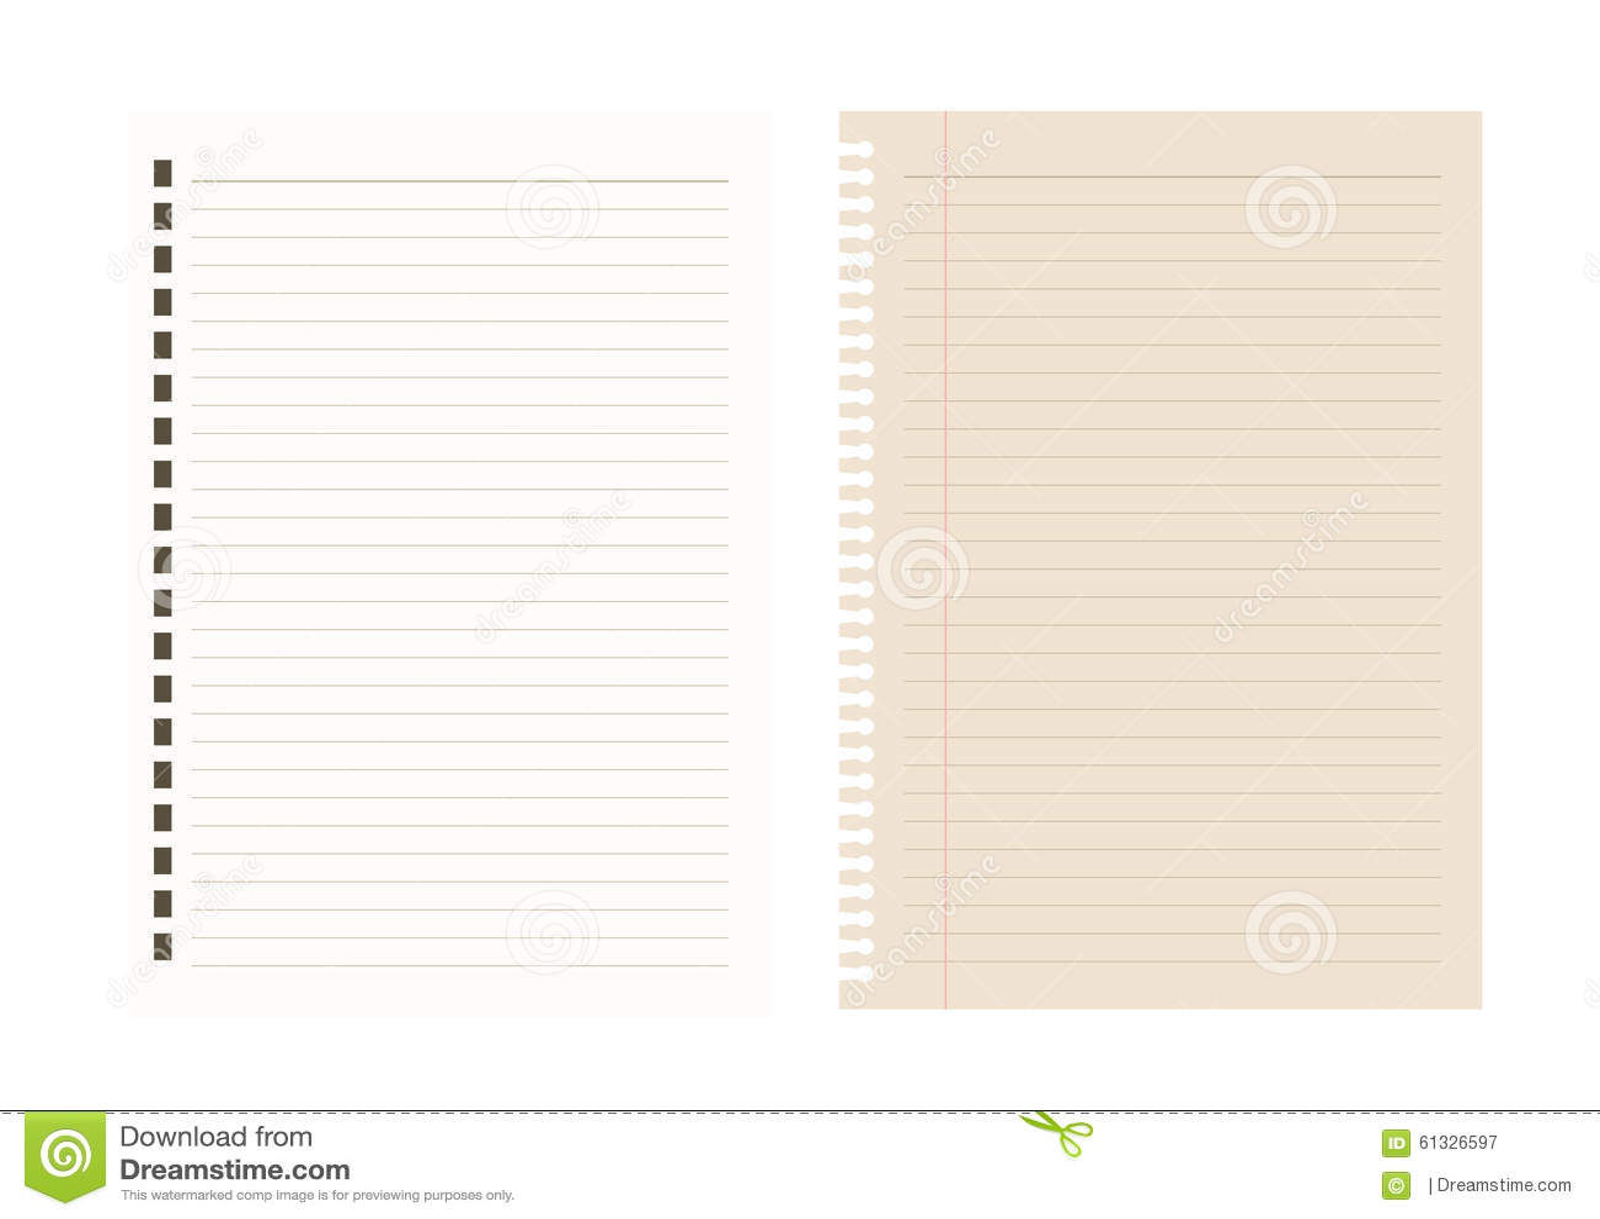 Fantastisch Linie Papierhintergrund Ideen - Bilder für das ...